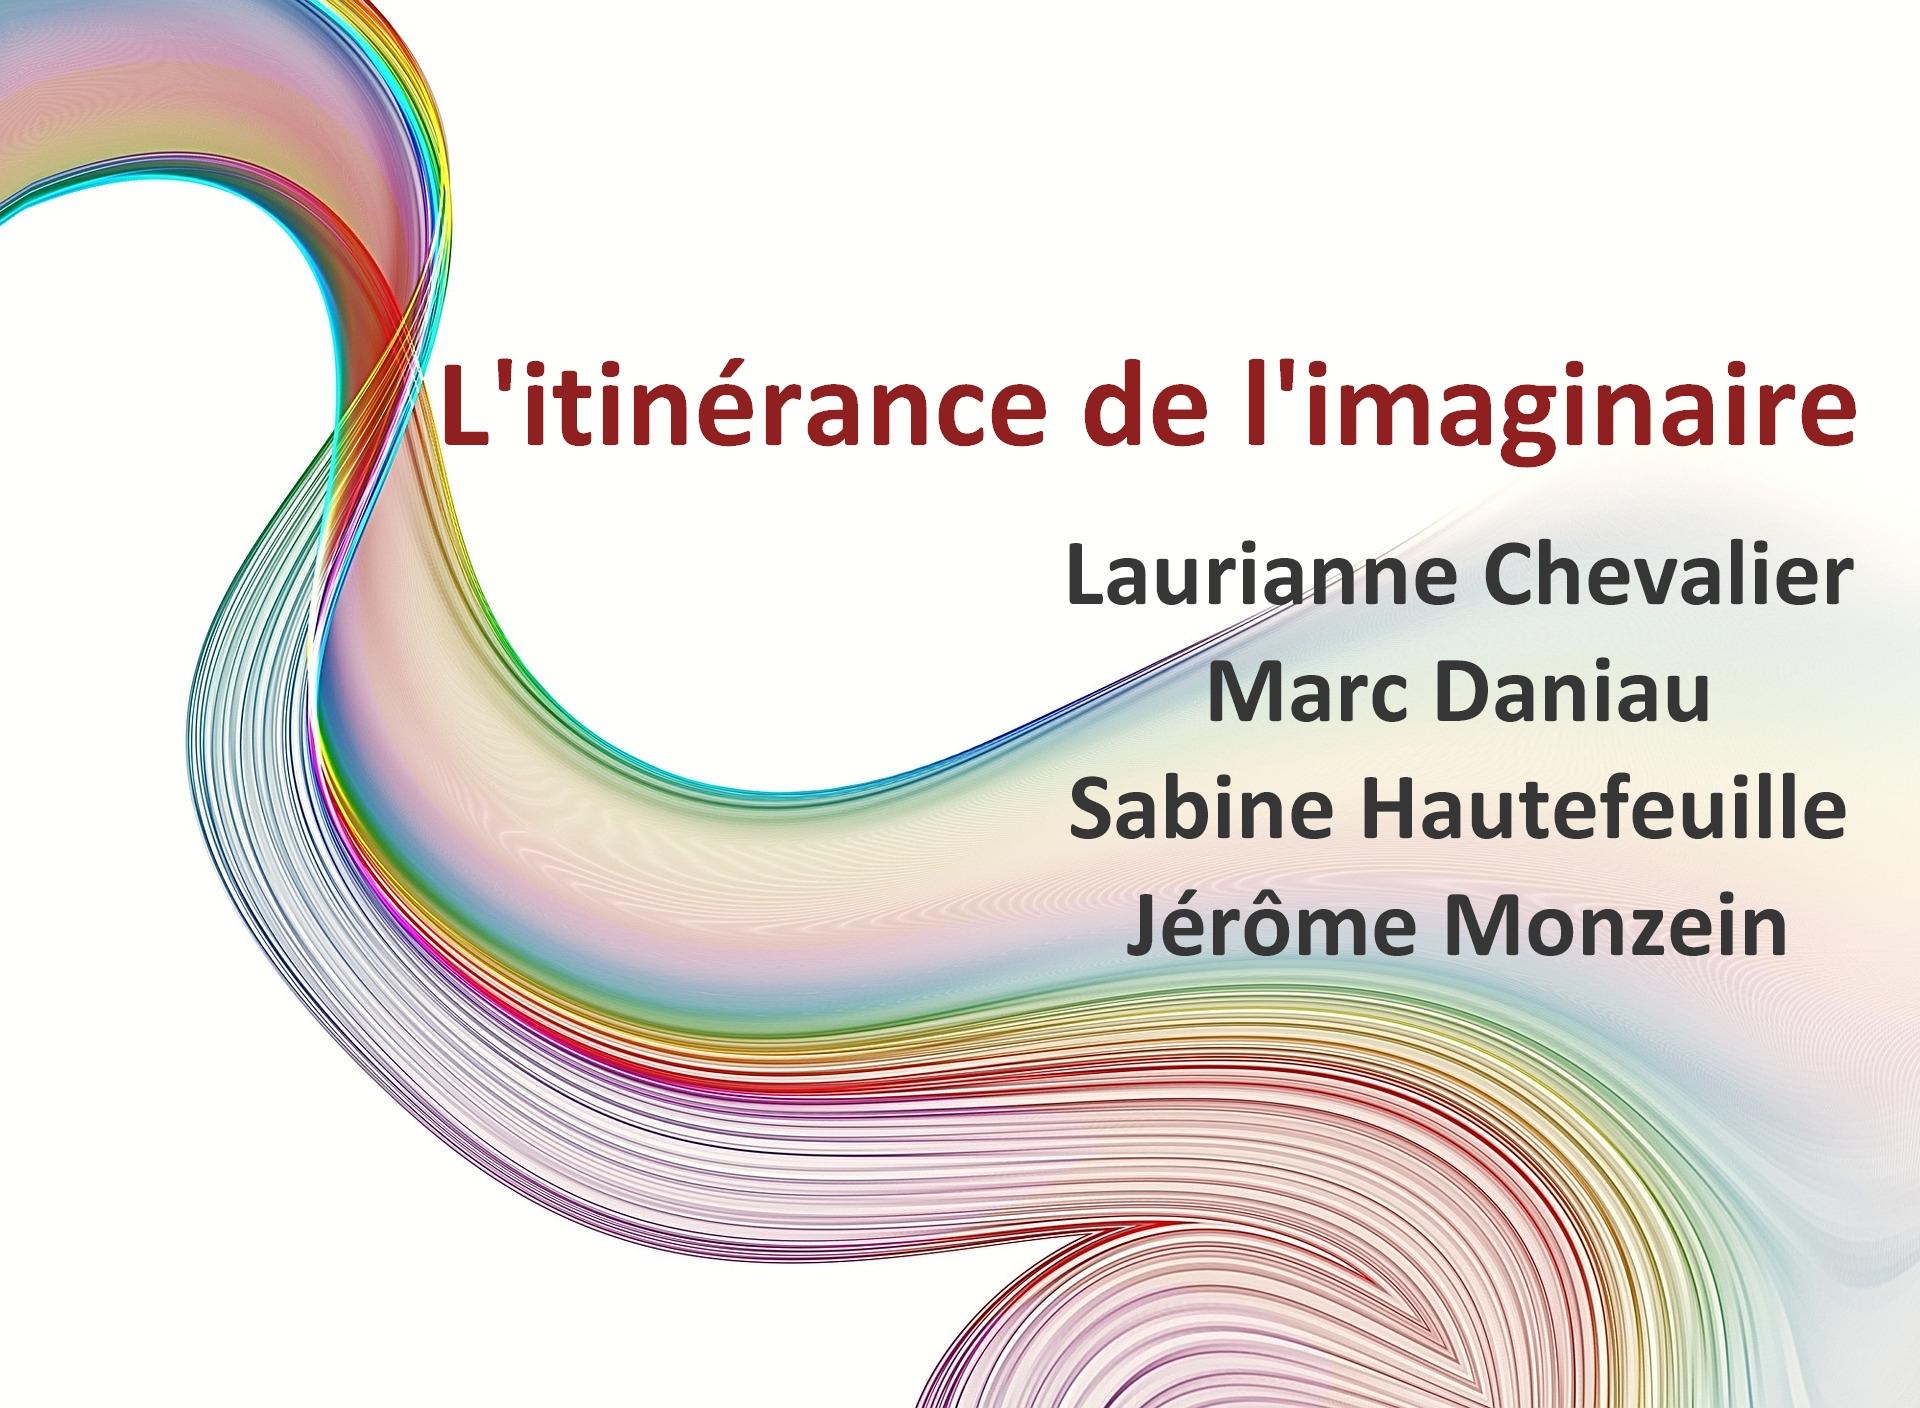 Présentation des auteurs dans le théme Itinérances de l'imaginaire